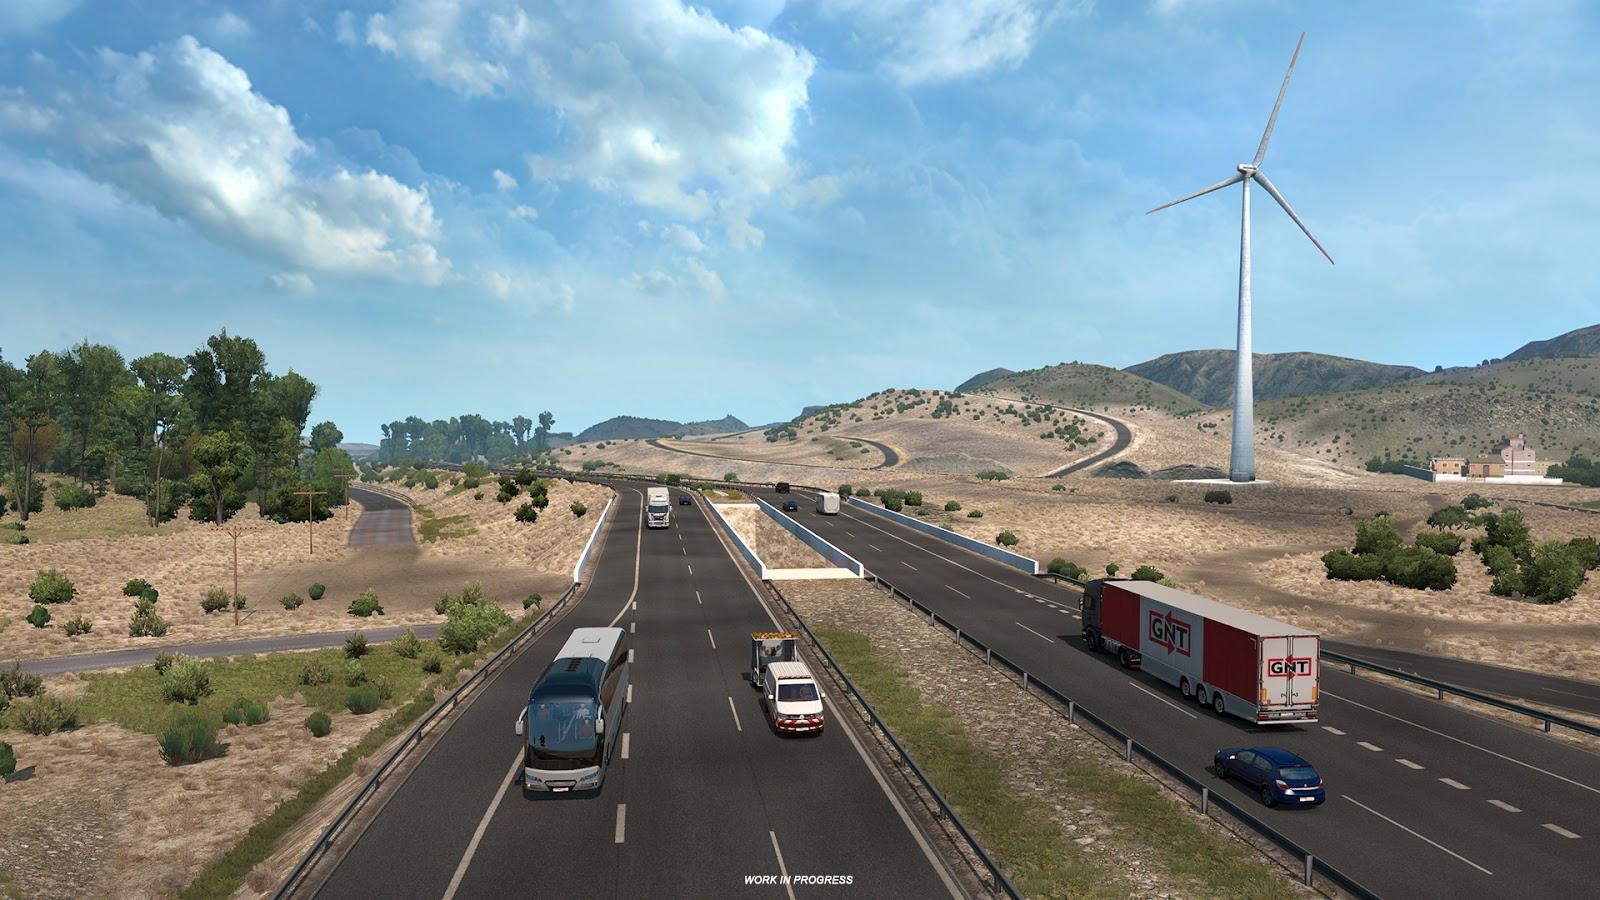 Así luce el Desierto de Tabernas en Euro Truck Simulator 2 para la expansión de Iberia 4